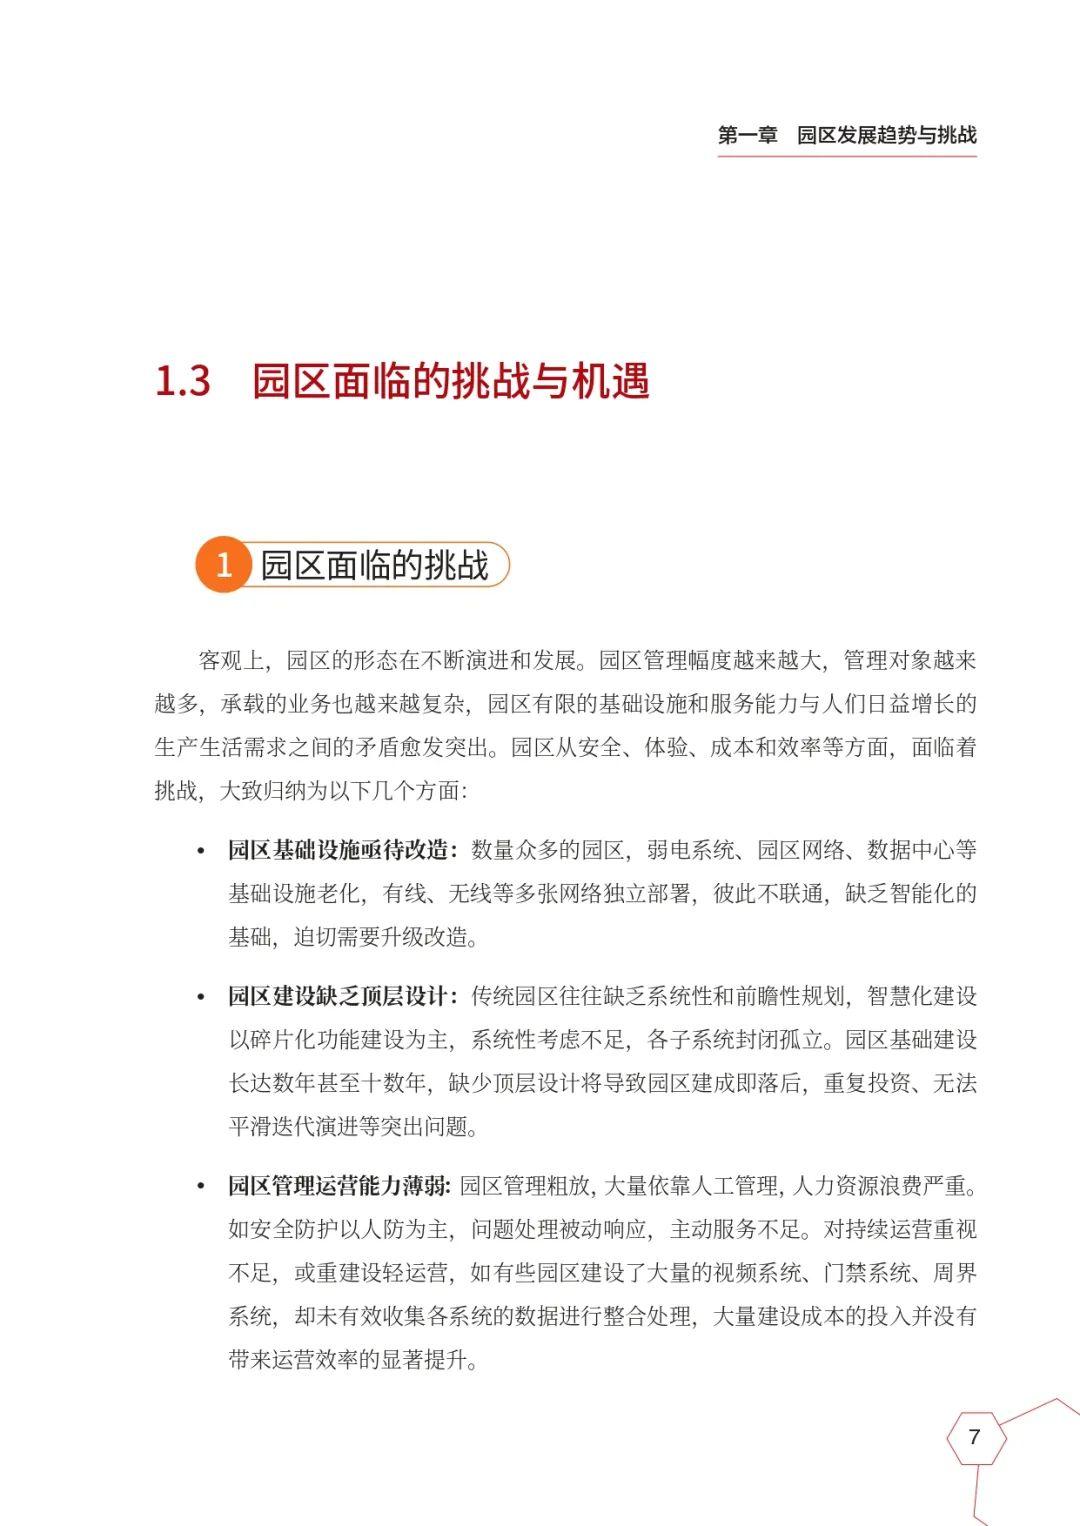 华为出品:83页2020未来智慧园区白皮书